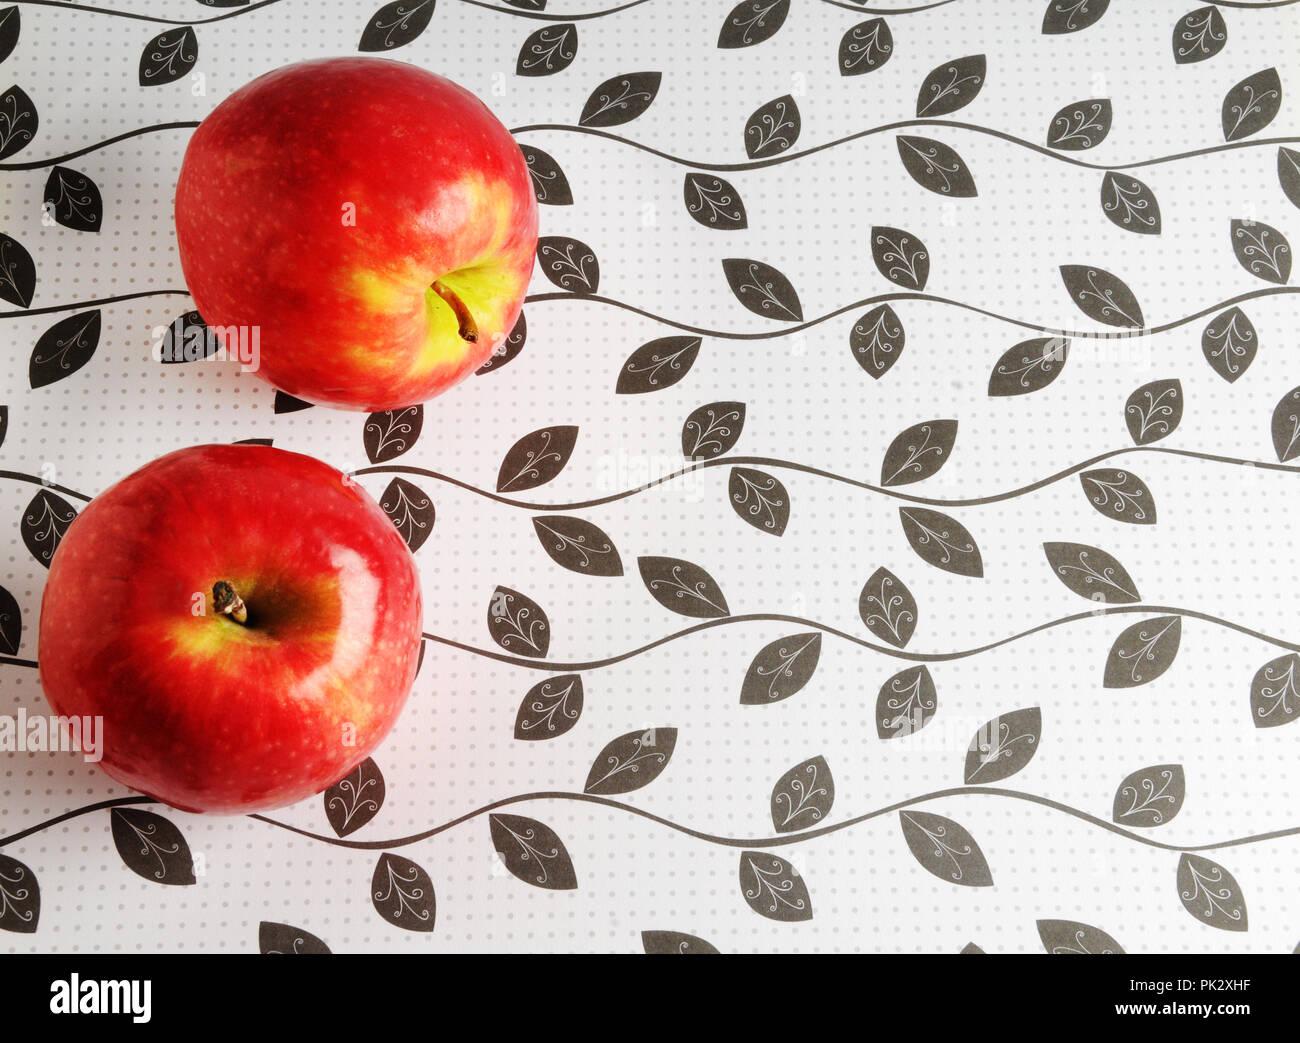 Rosh hashanah jewish new year greeting stock photo 218267659 alamy rosh hashanah jewish new year greeting m4hsunfo